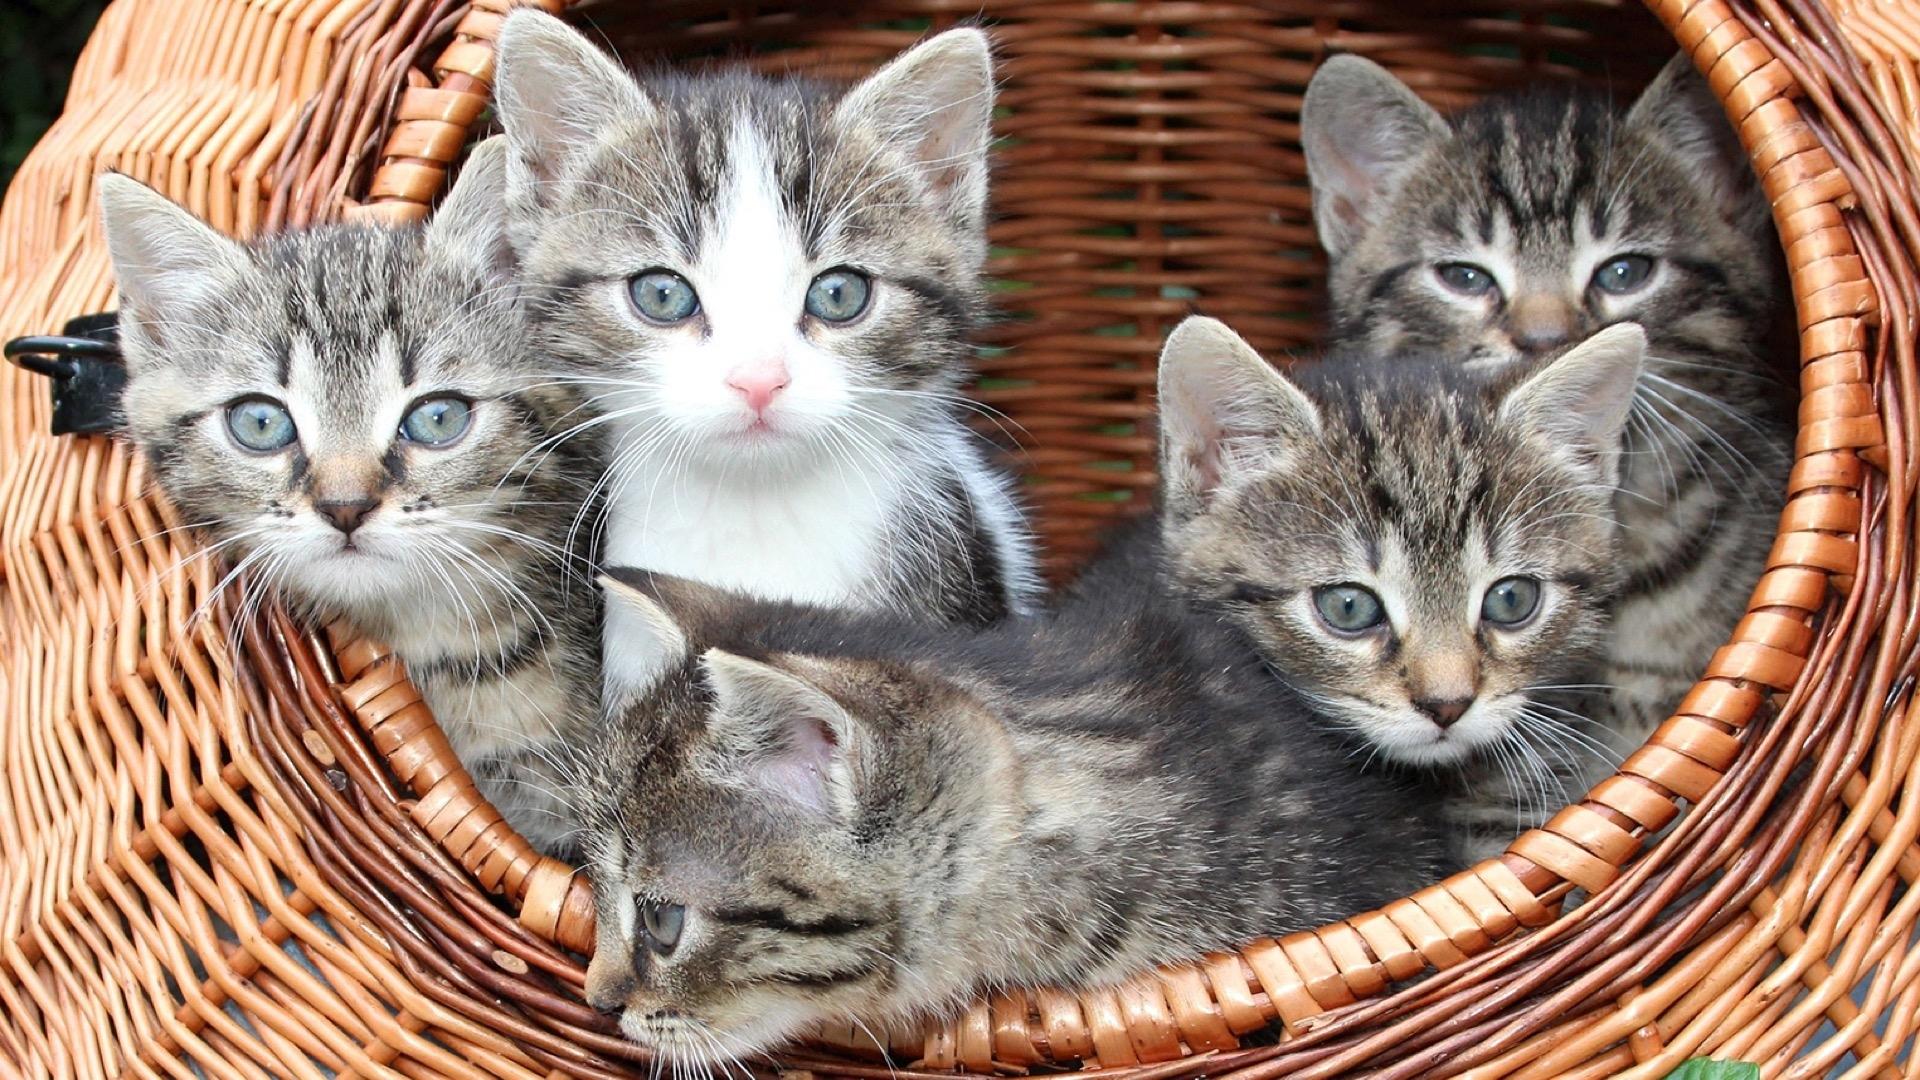 5 kittens in basket